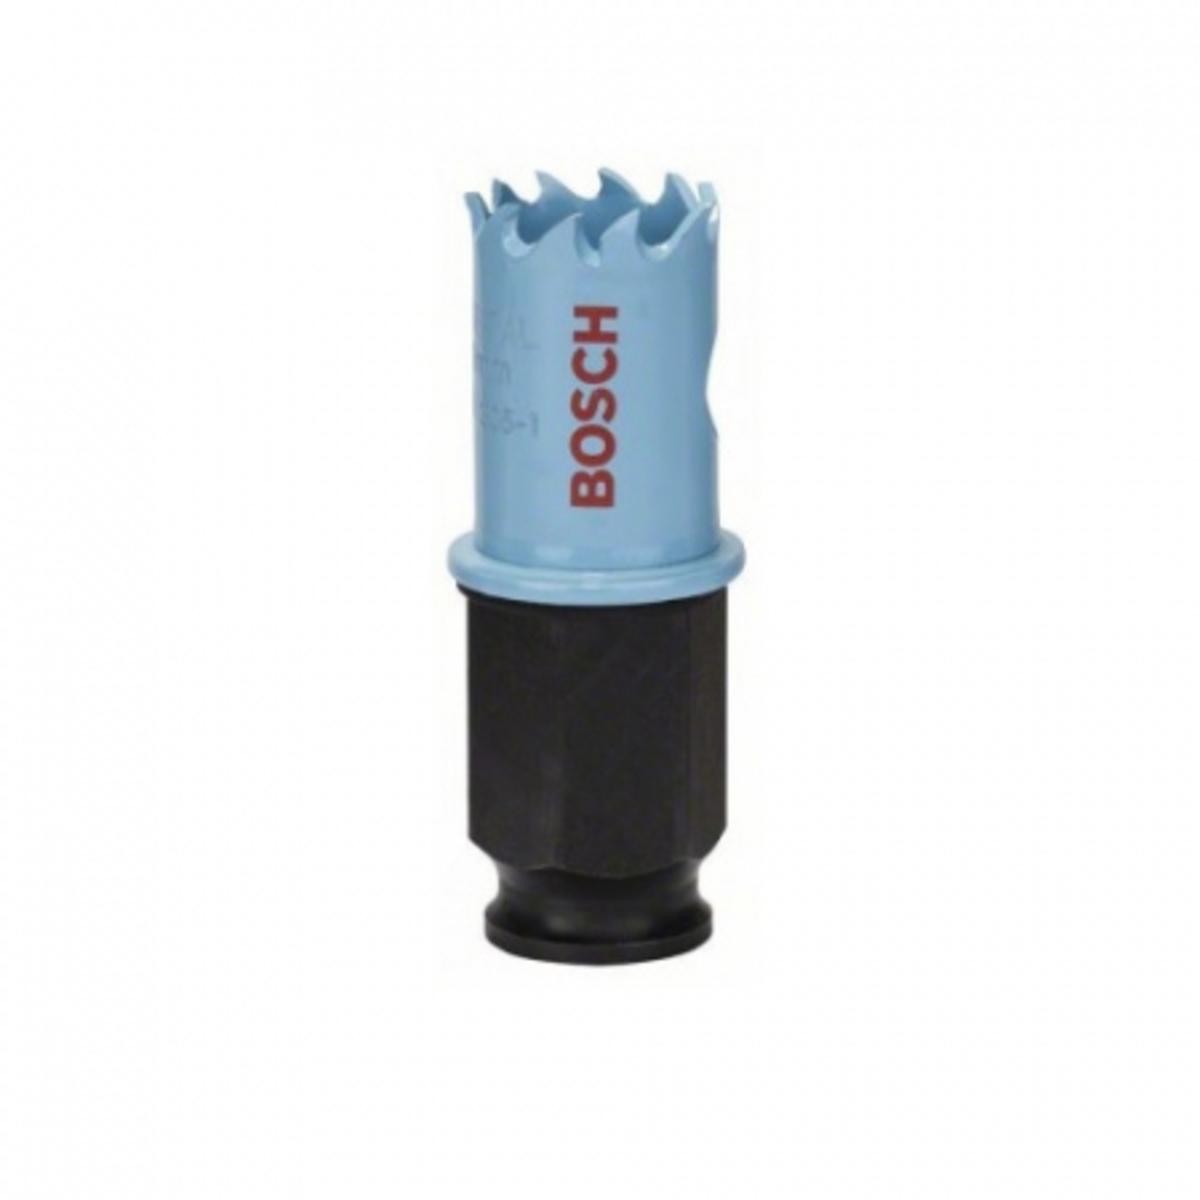 SERRA COPO SHEET METAL 25mm BOSCH